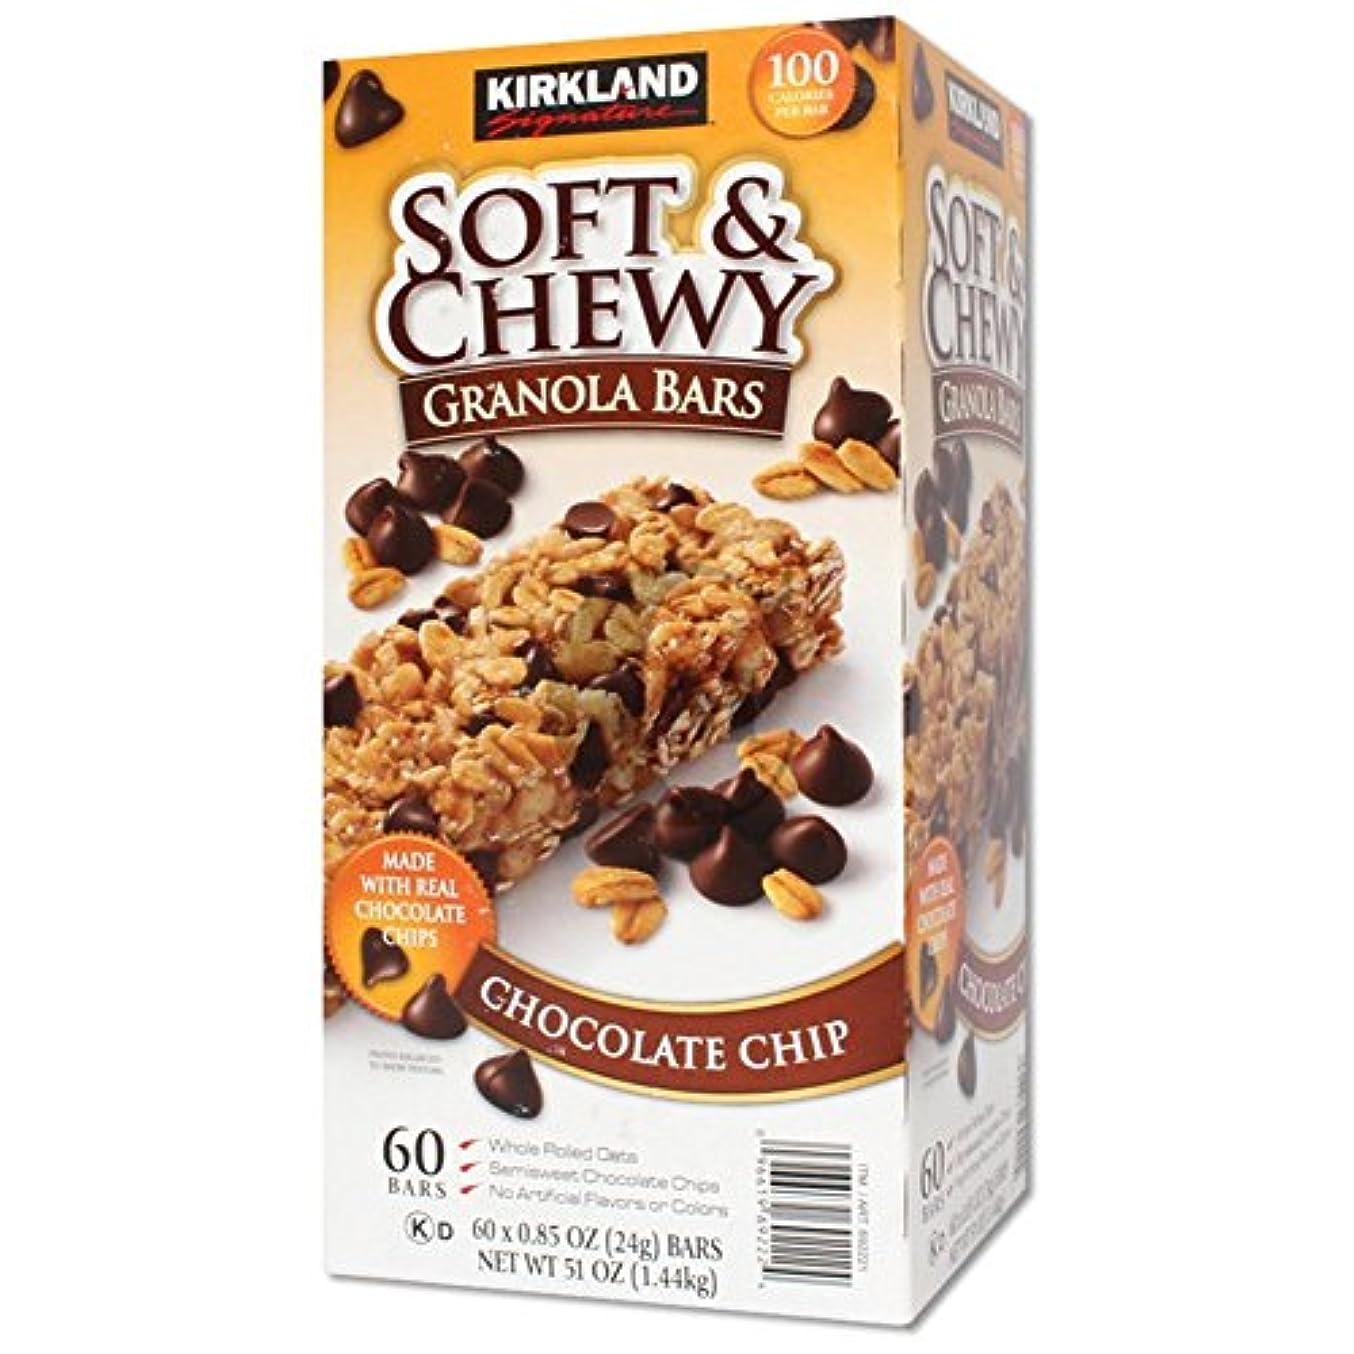 コンセンサス激怒記念日【カークランド/ KIRKLAND】Soft&Chewy GRANOLA Bar Chocolate Chipソフト?アンド?チューイグラノーラバー1.44kg穀物バー/シリアル/栄養のバー[健康&ダイエット製品](海外直送品)